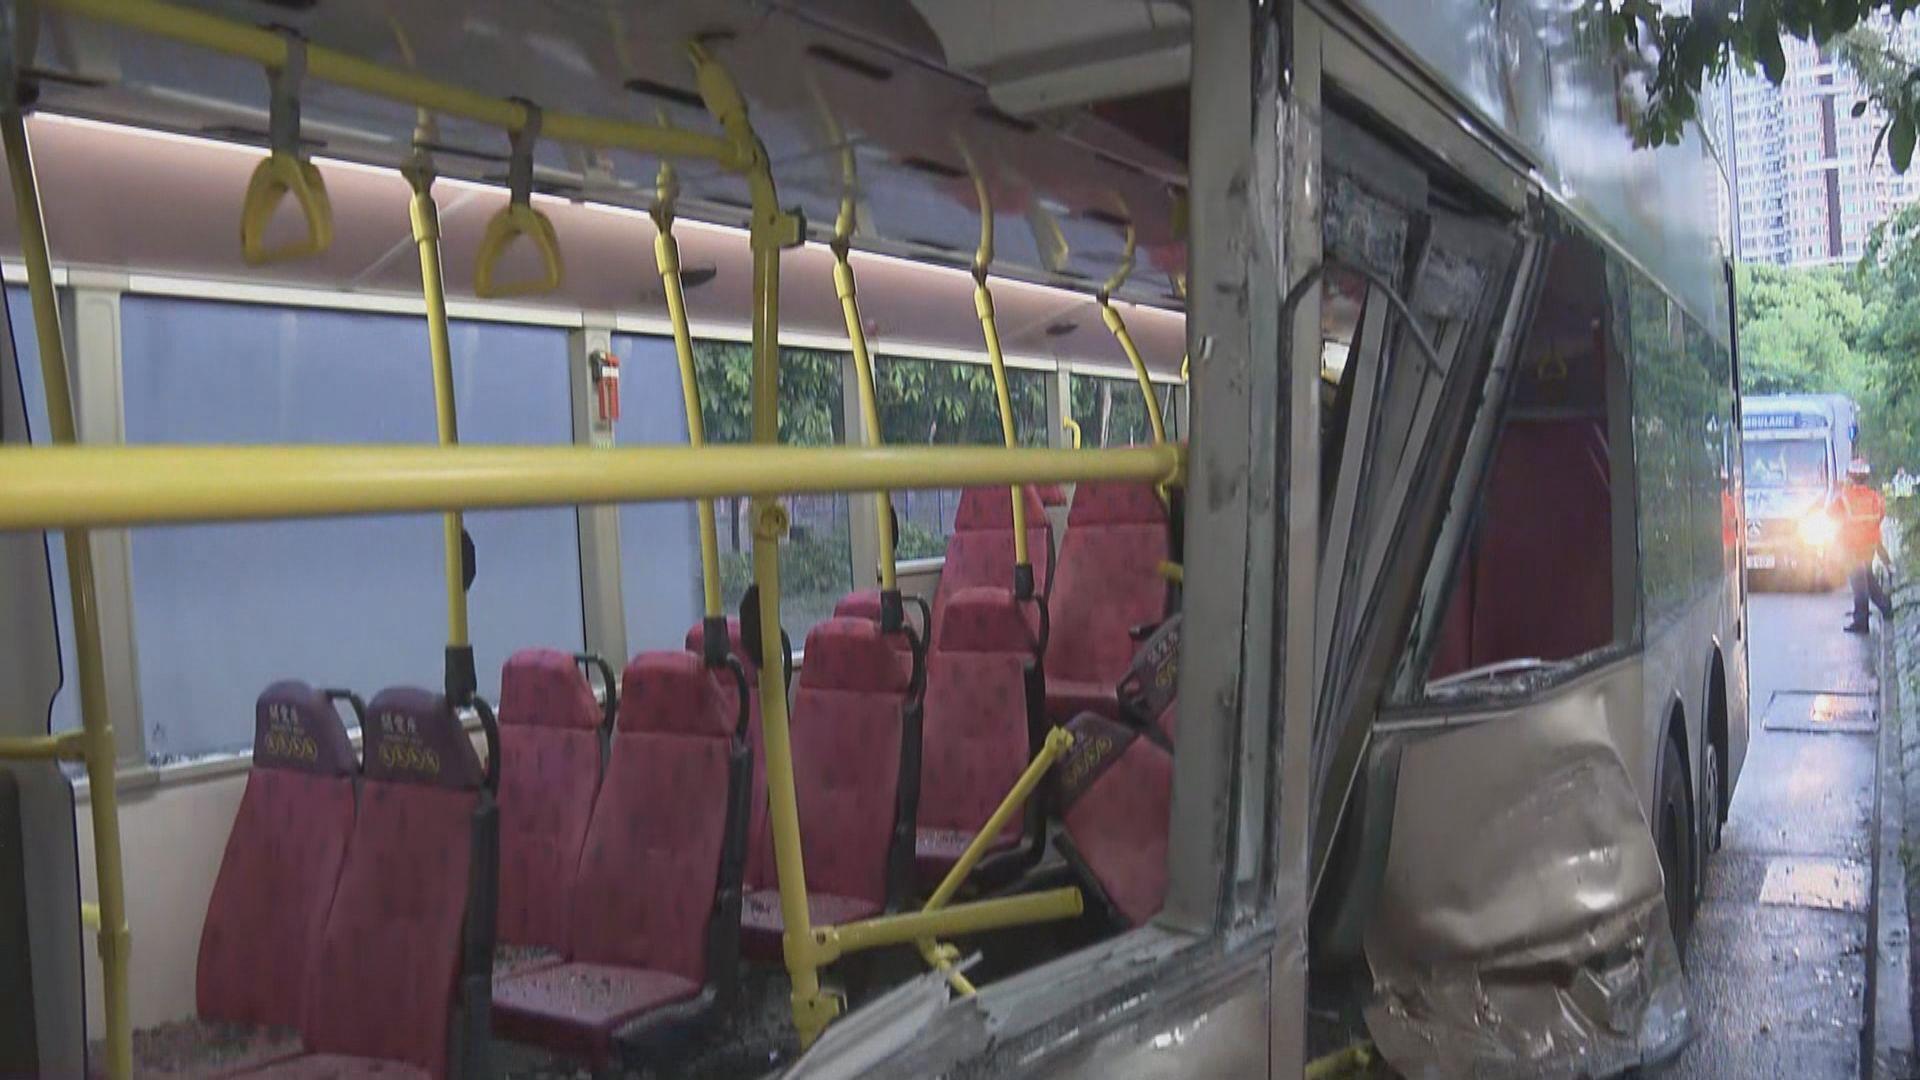 上水巴士小巴相撞七人受傷送院